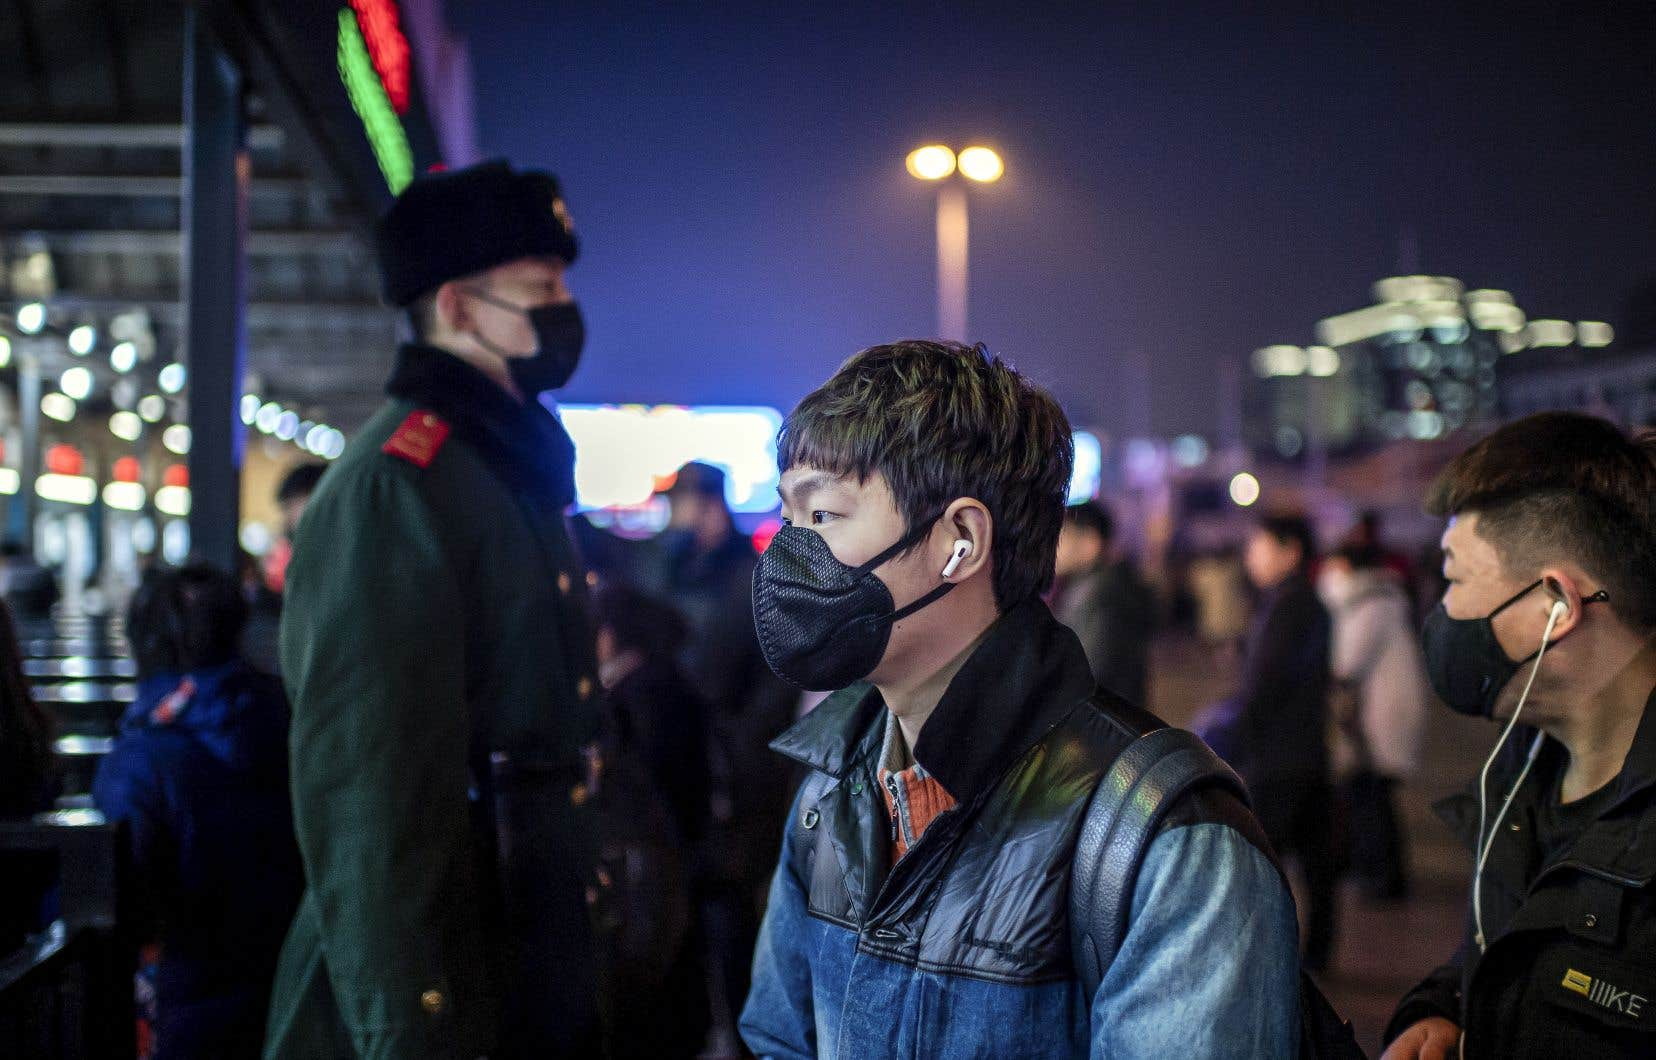 À ce jour, le virus a provoqué la mort au moins 17 personnes en Chine.Le nombre total des personnes contaminées s'élève à plus de 500 dans ce pays.